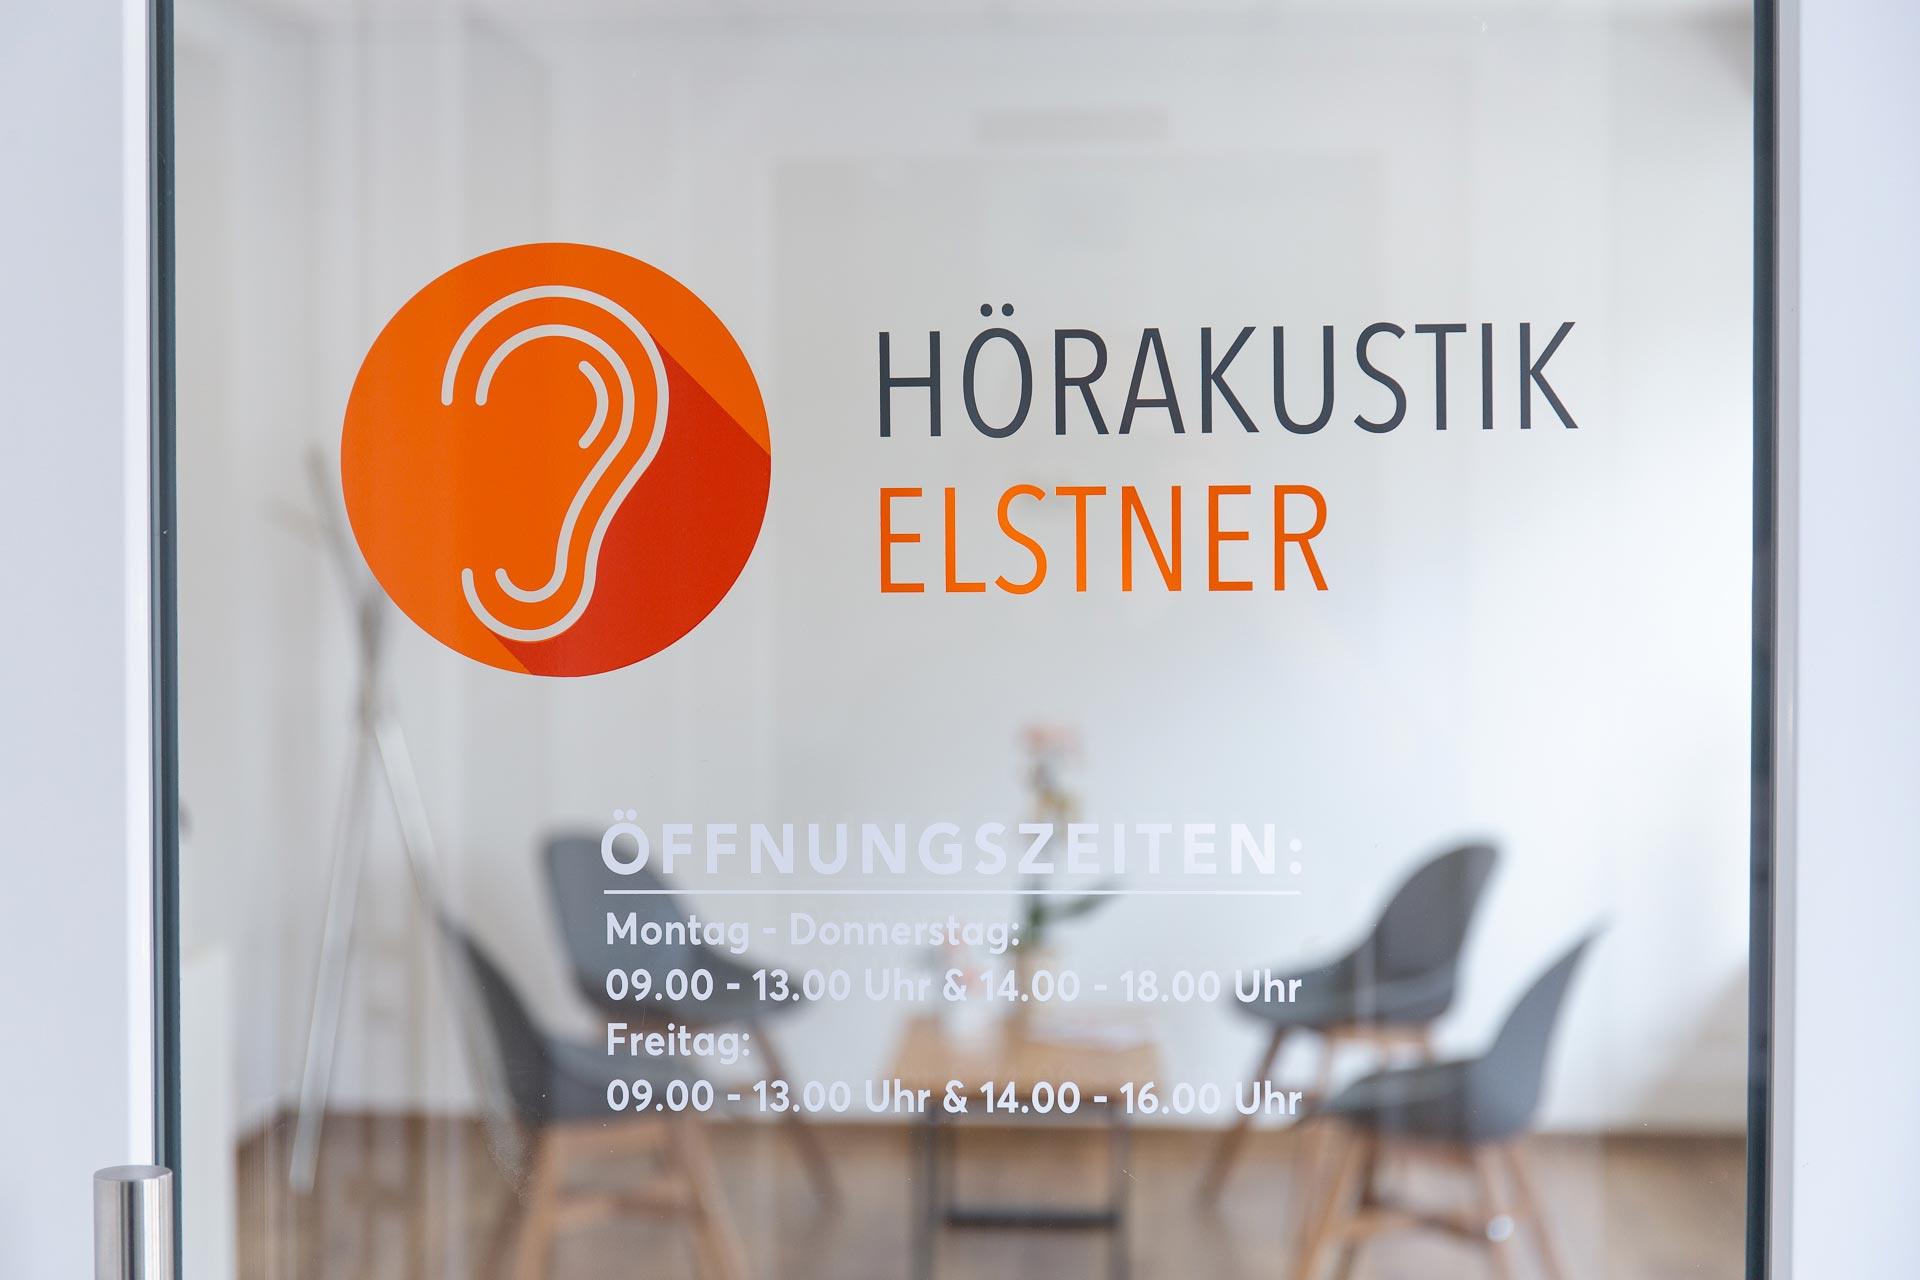 Hörakustik Elstner Hörakustiker Mönchengladbach Rheindahlen